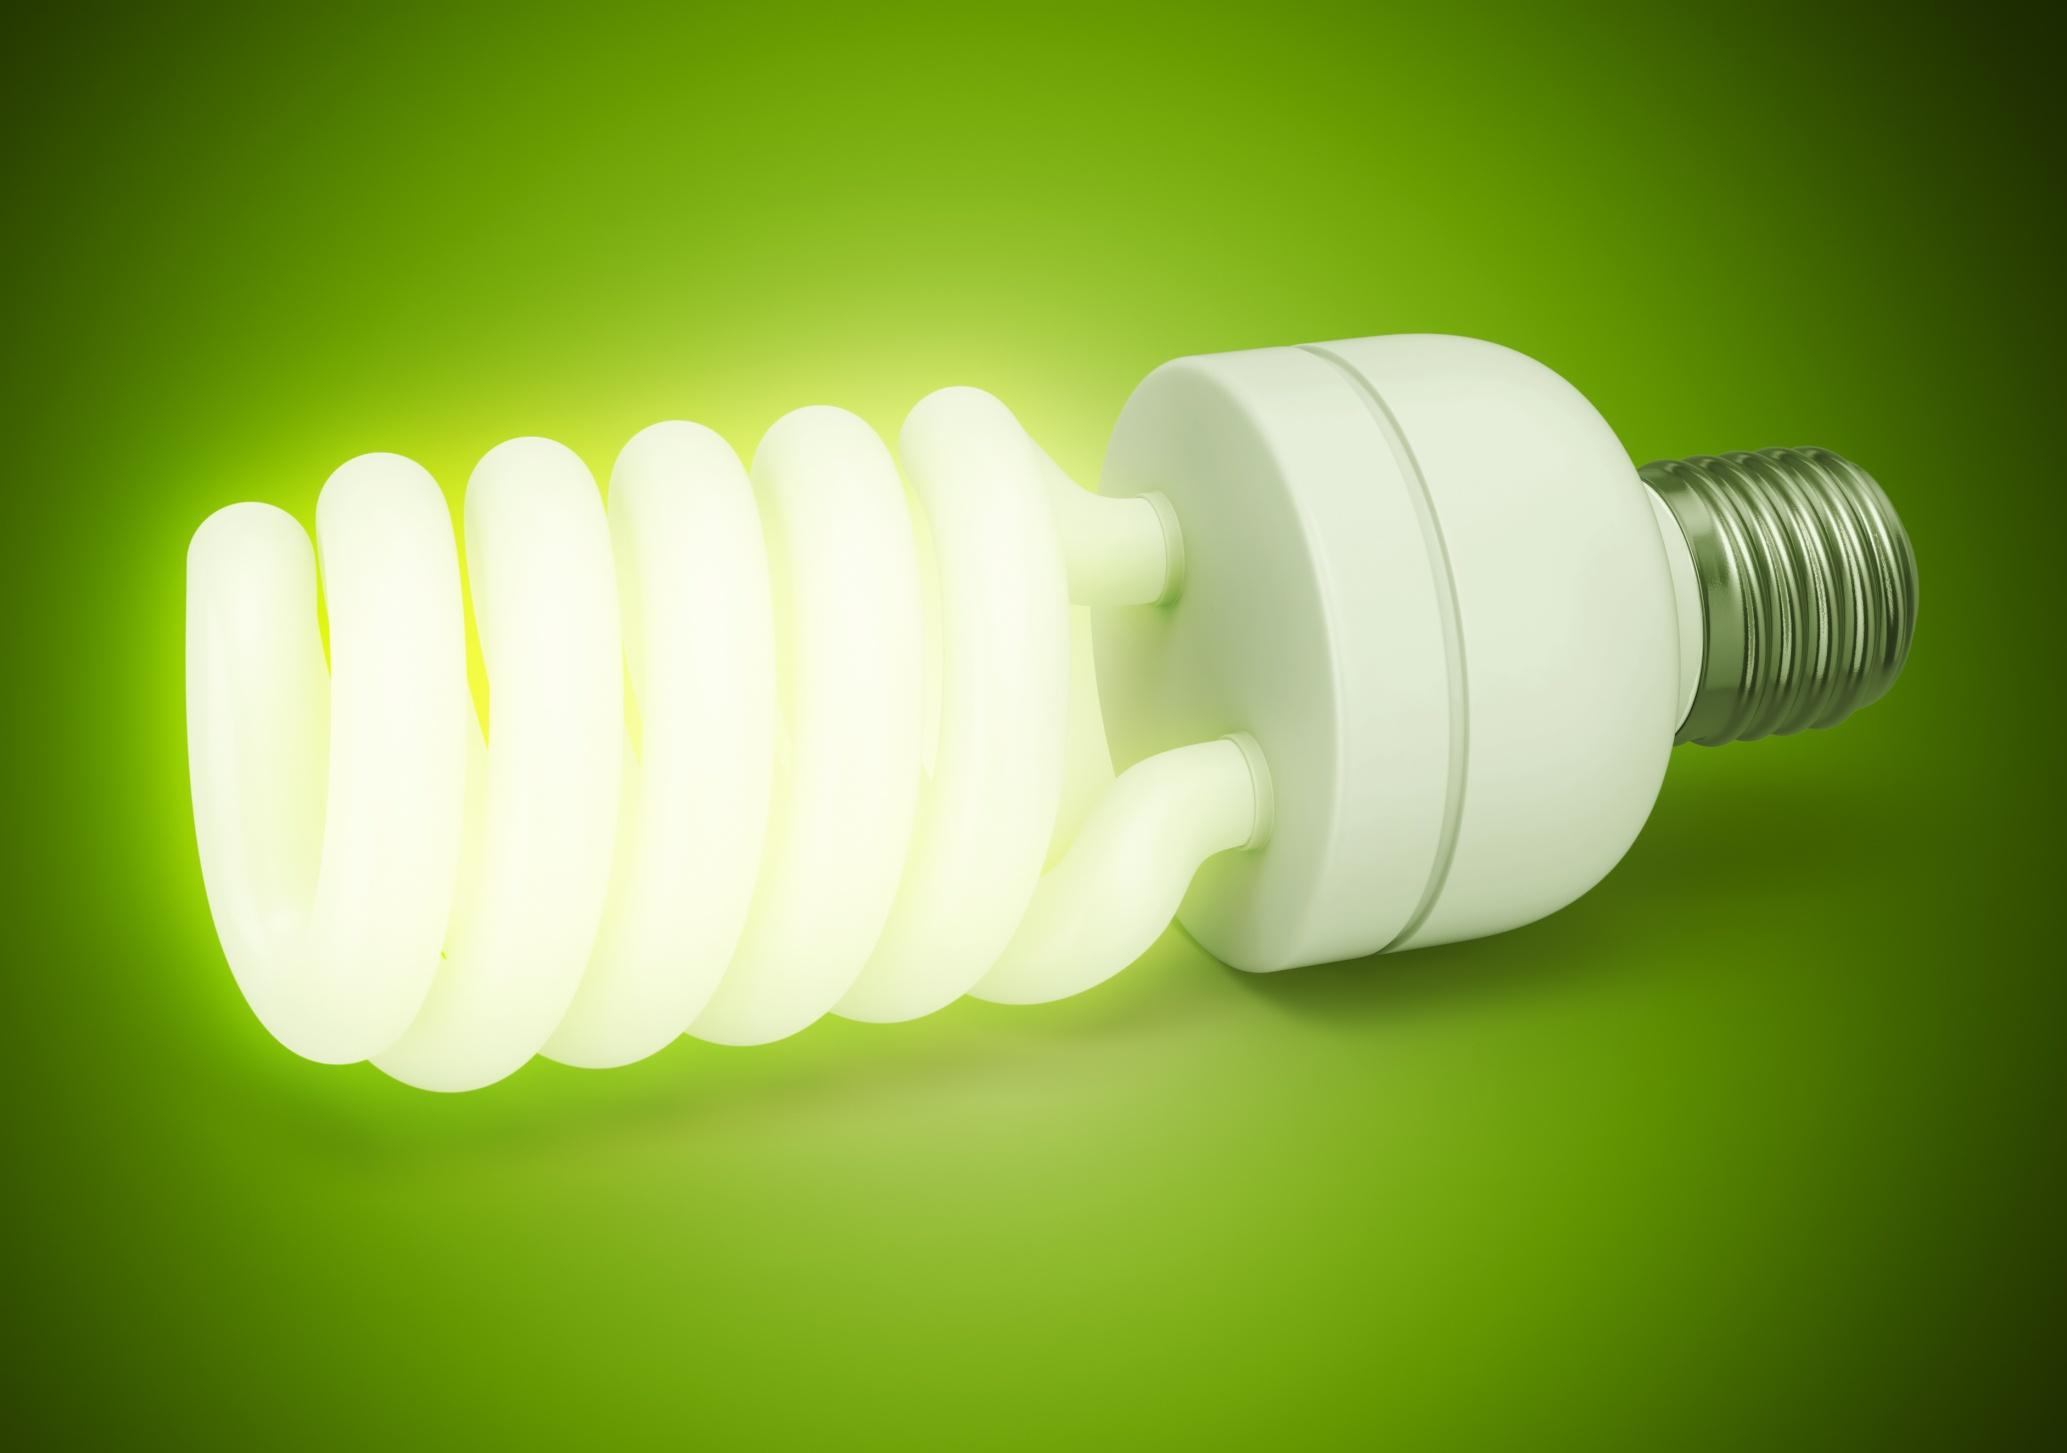 greenlightbulb-ThinkstockPhotos-469361066.jpg